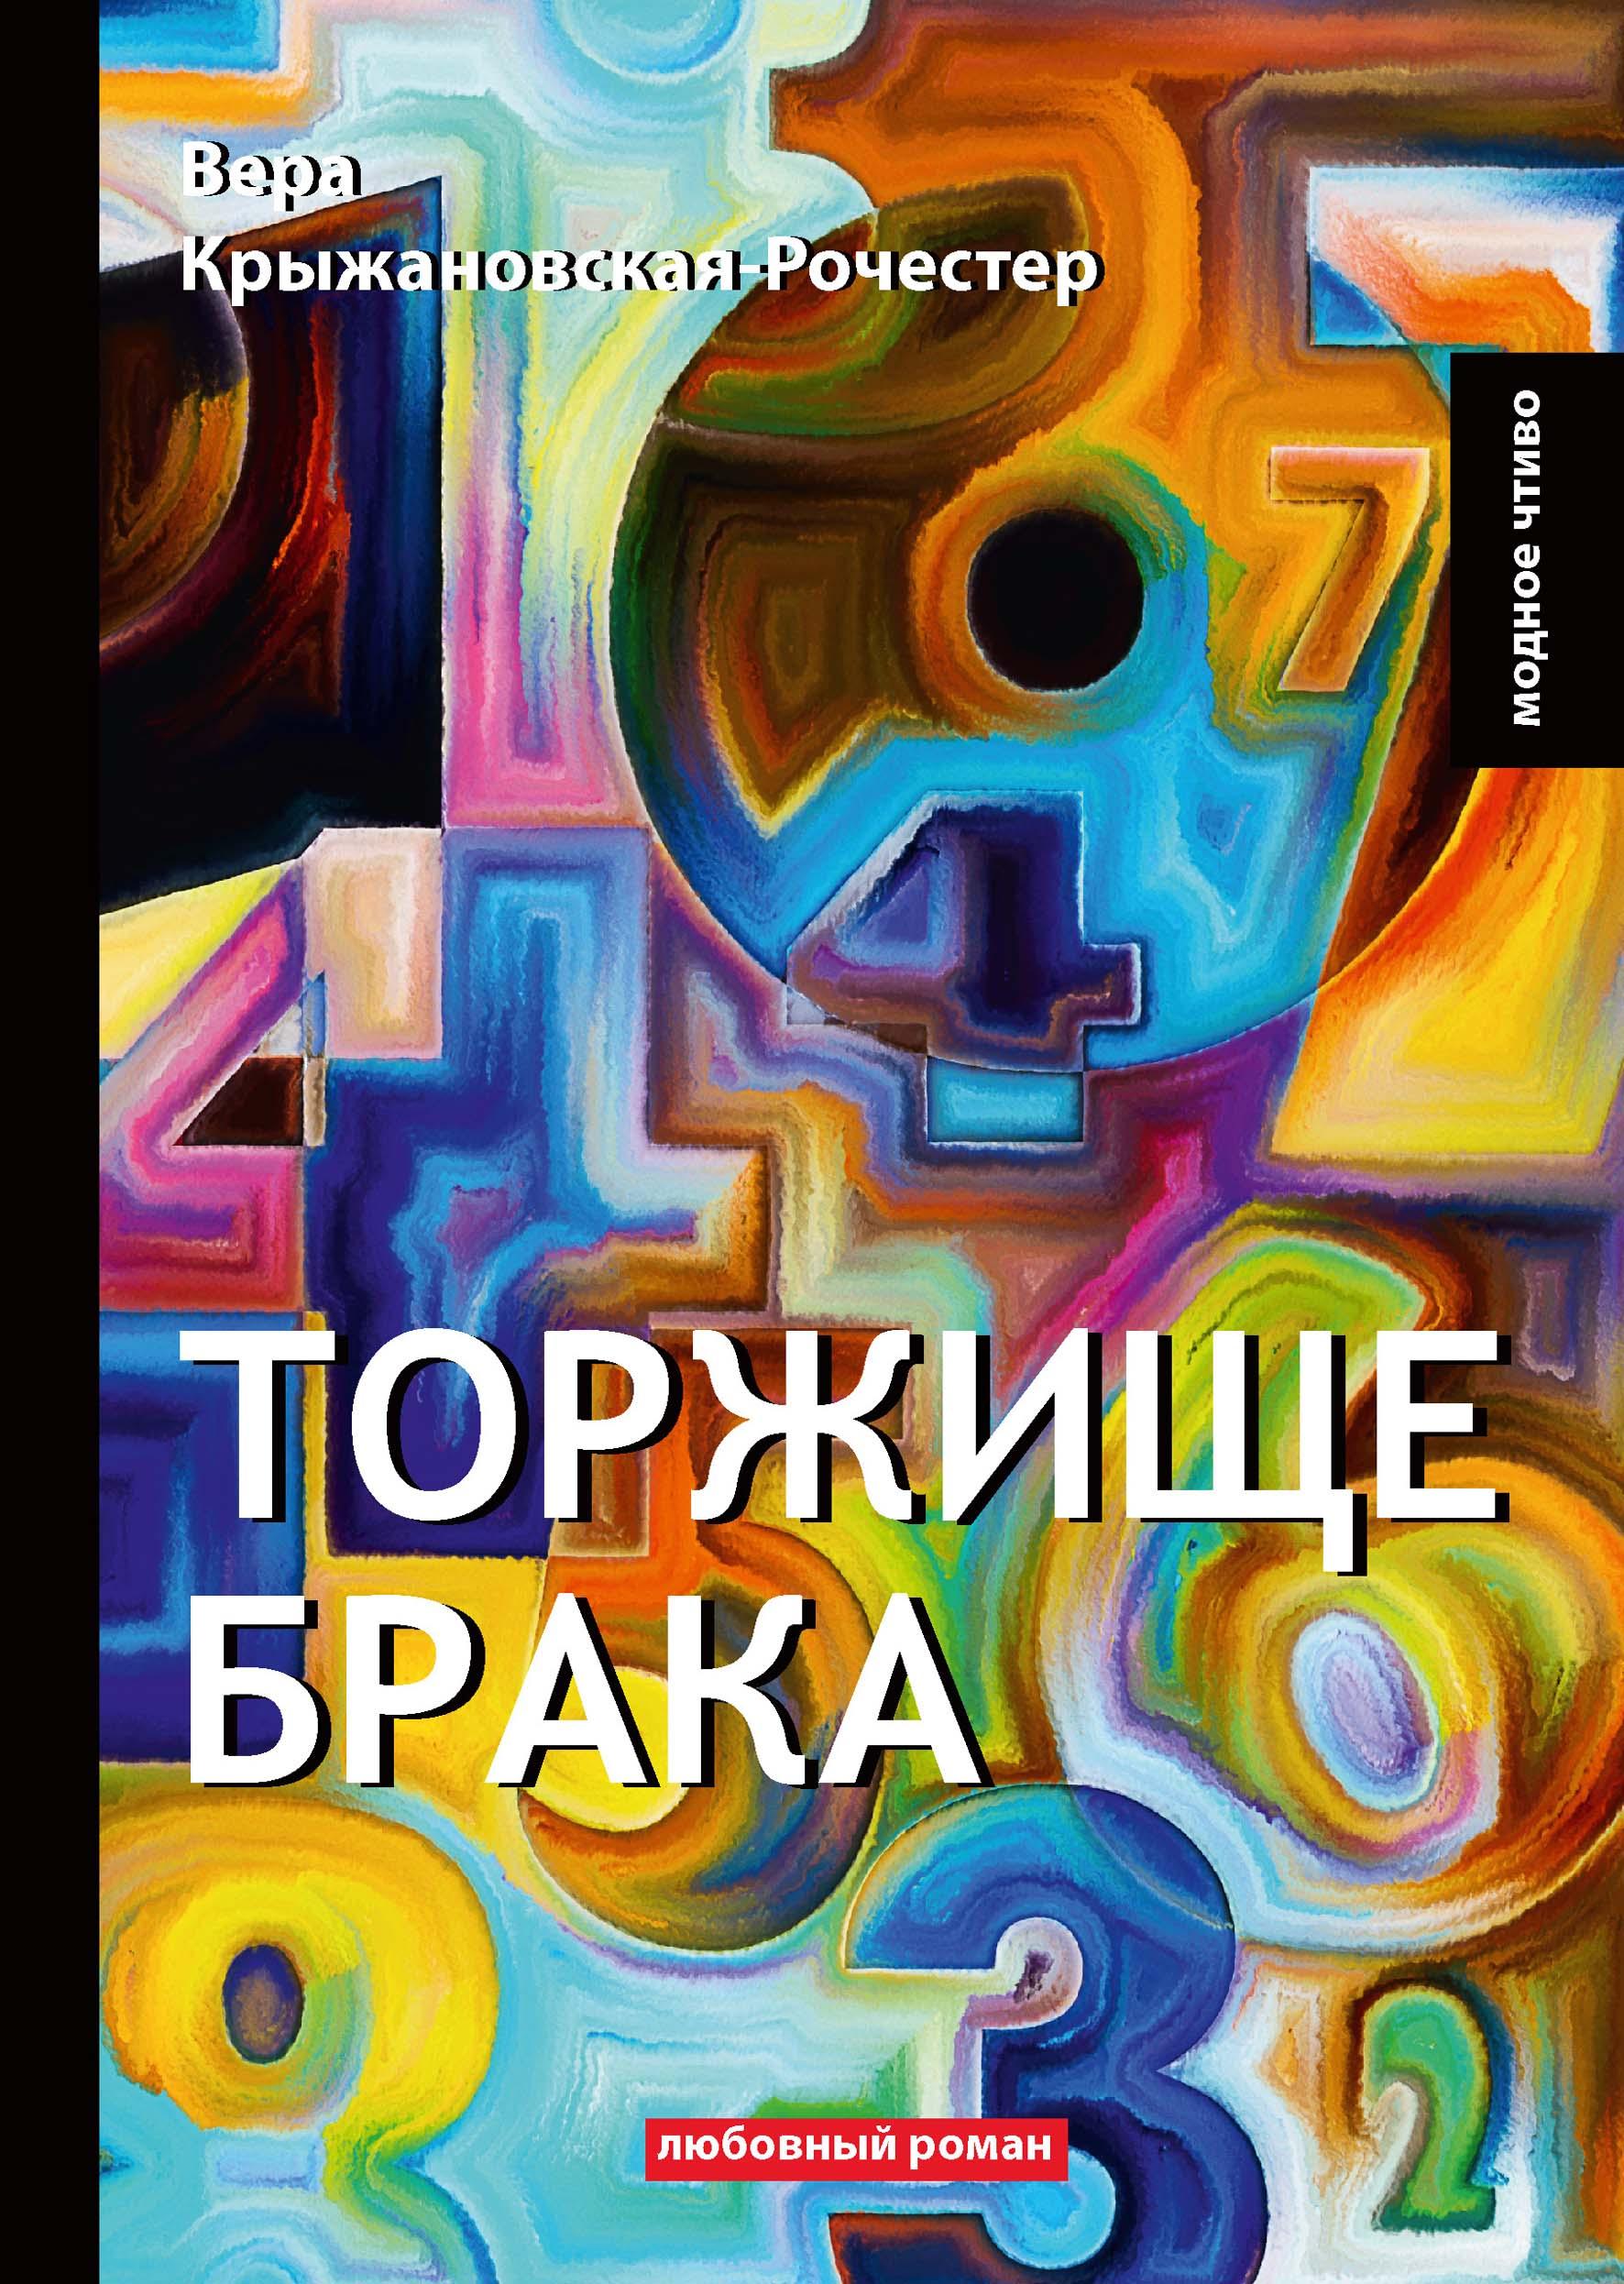 Вера Крыжановская-Рочестер Торжище брака